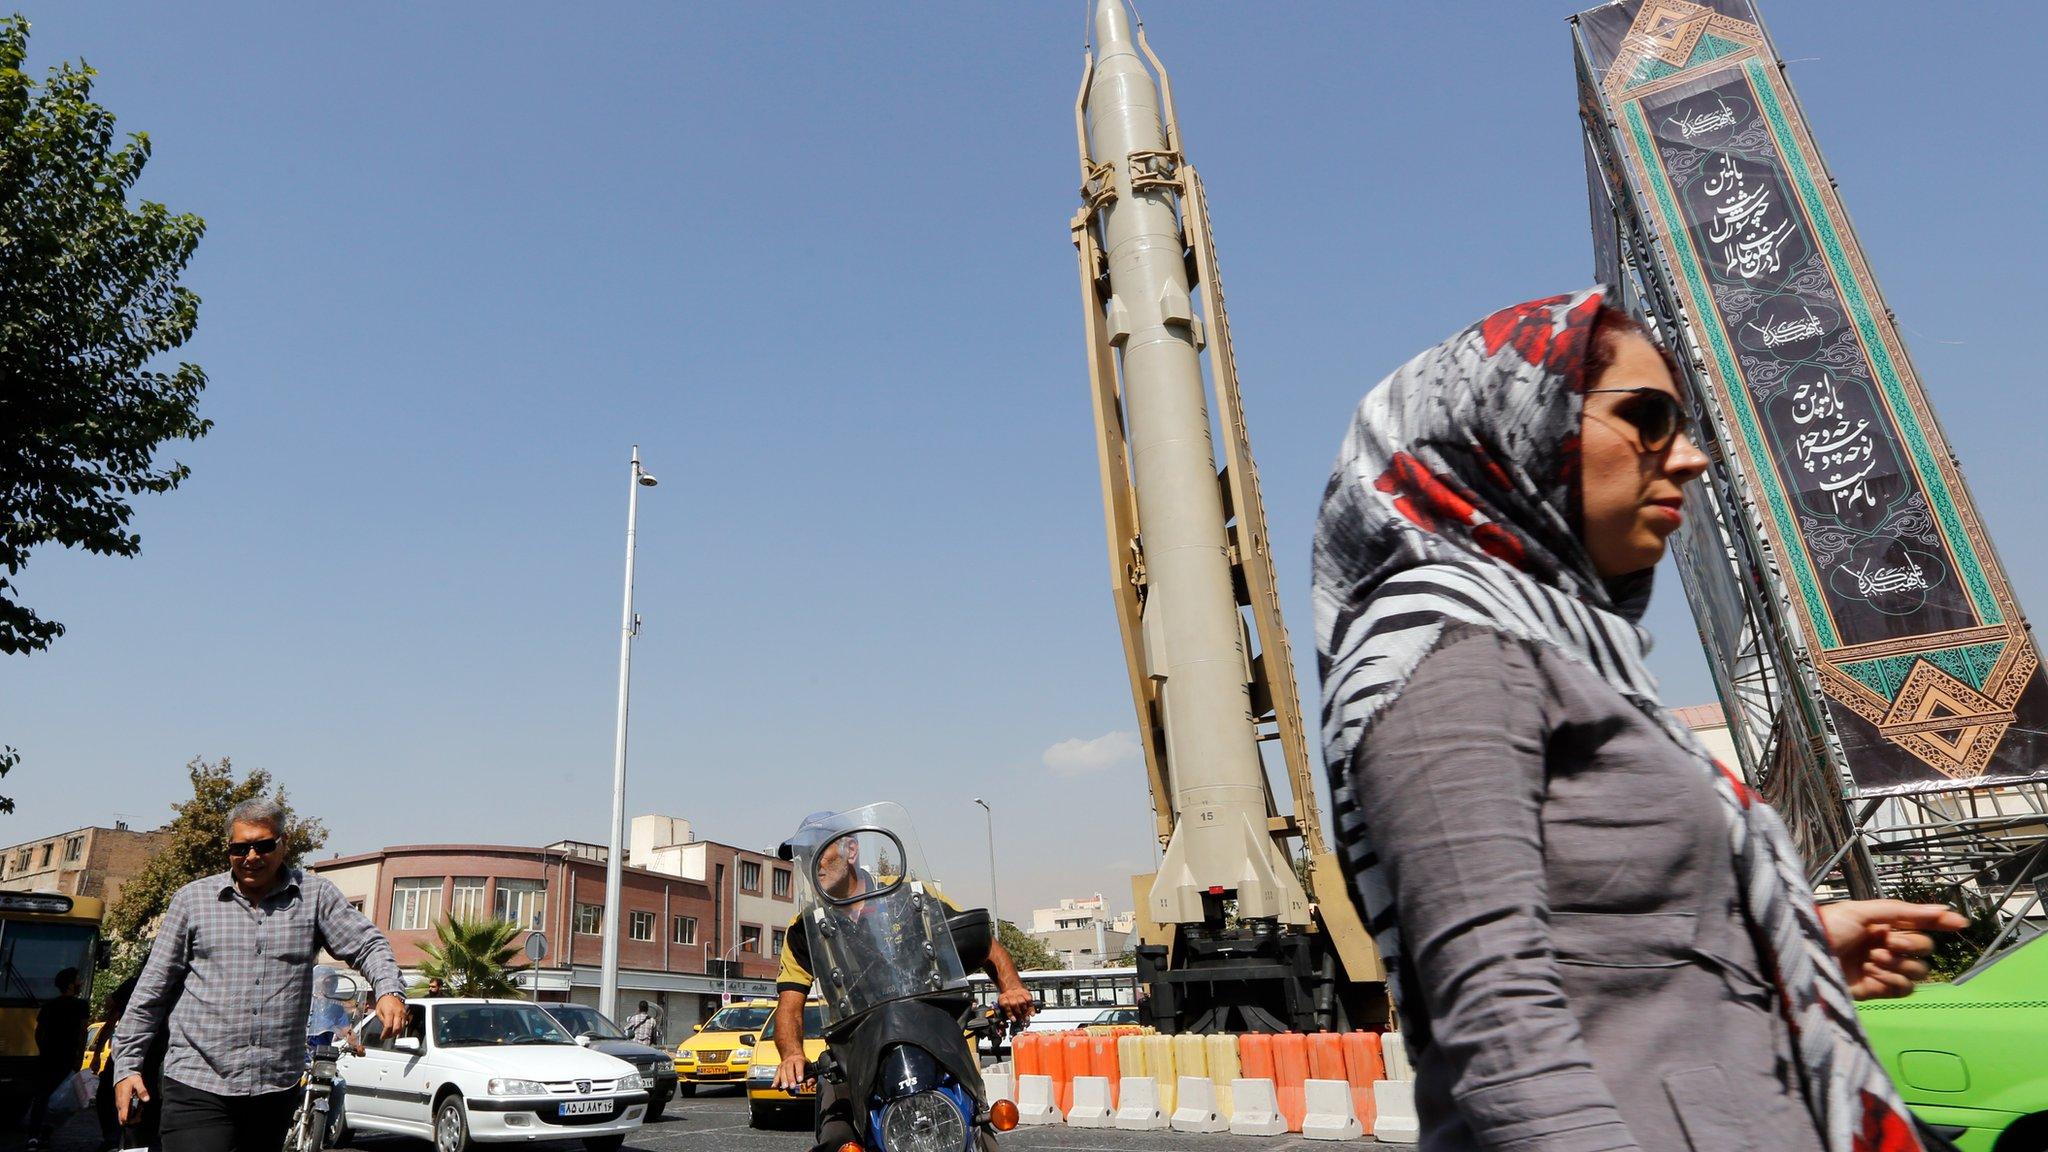 Иран обещает строить ракеты, несмотря на жалобы европейцев в ООН